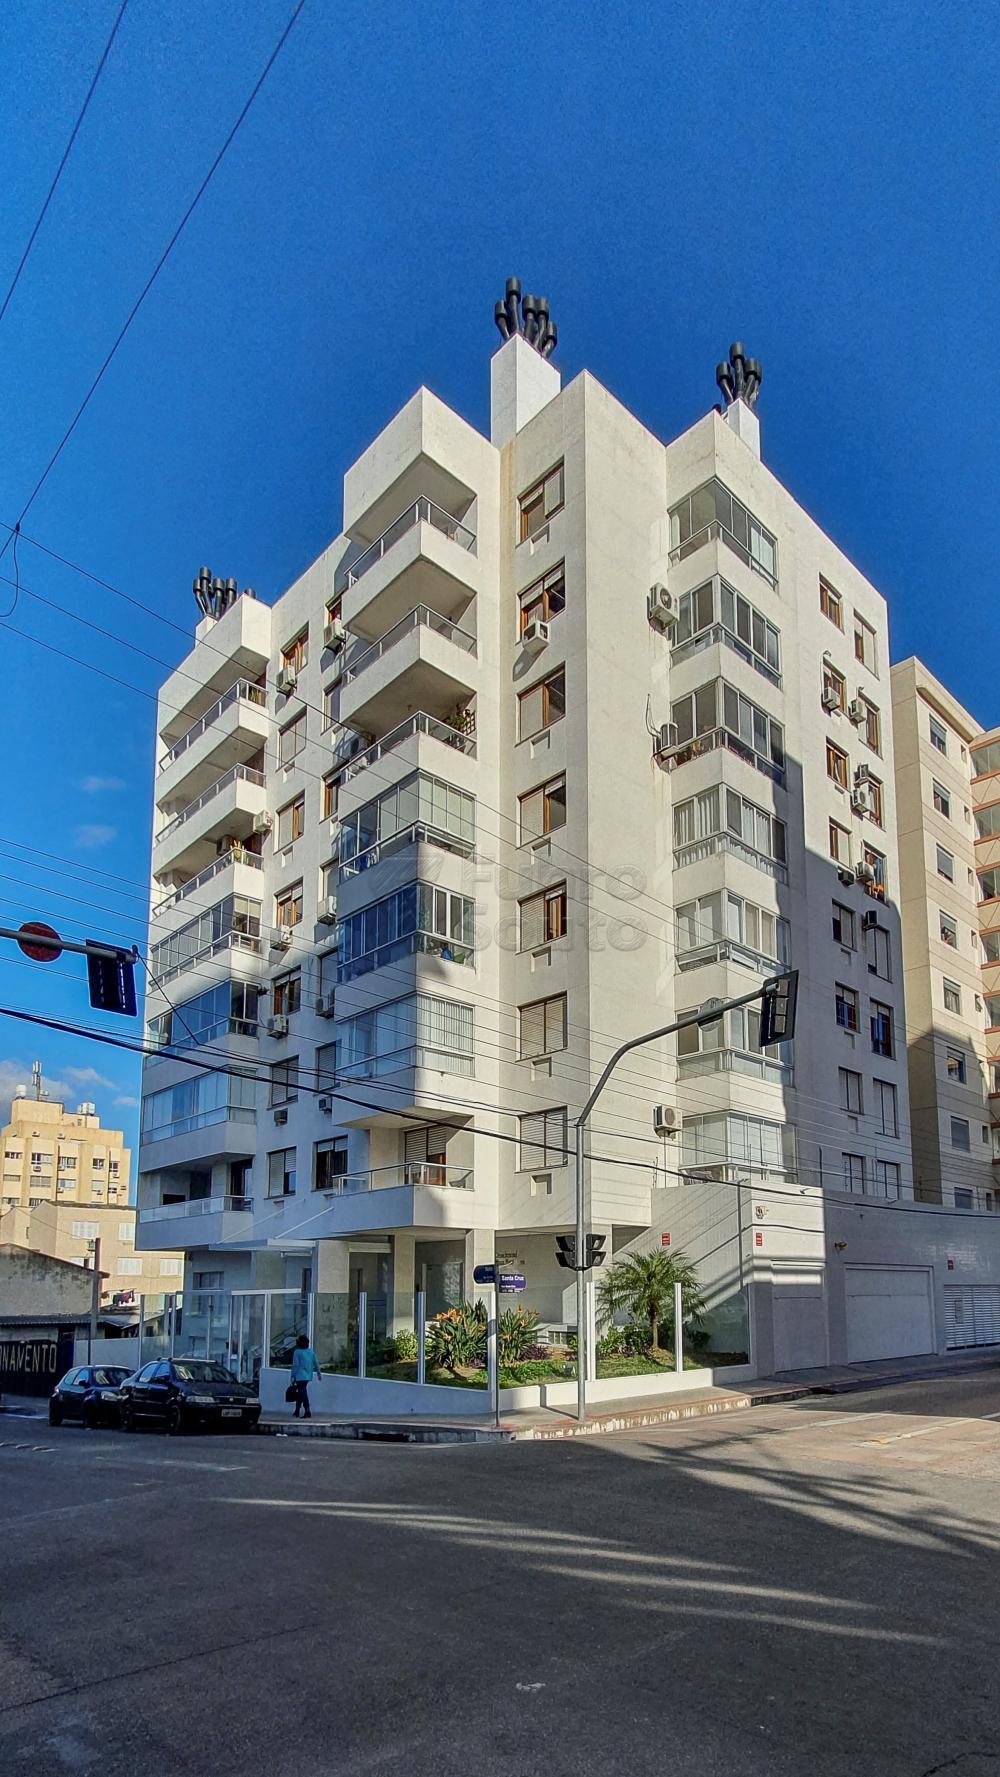 Comprar Apartamento / Padrão em Pelotas R$ 950.000,00 - Foto 1